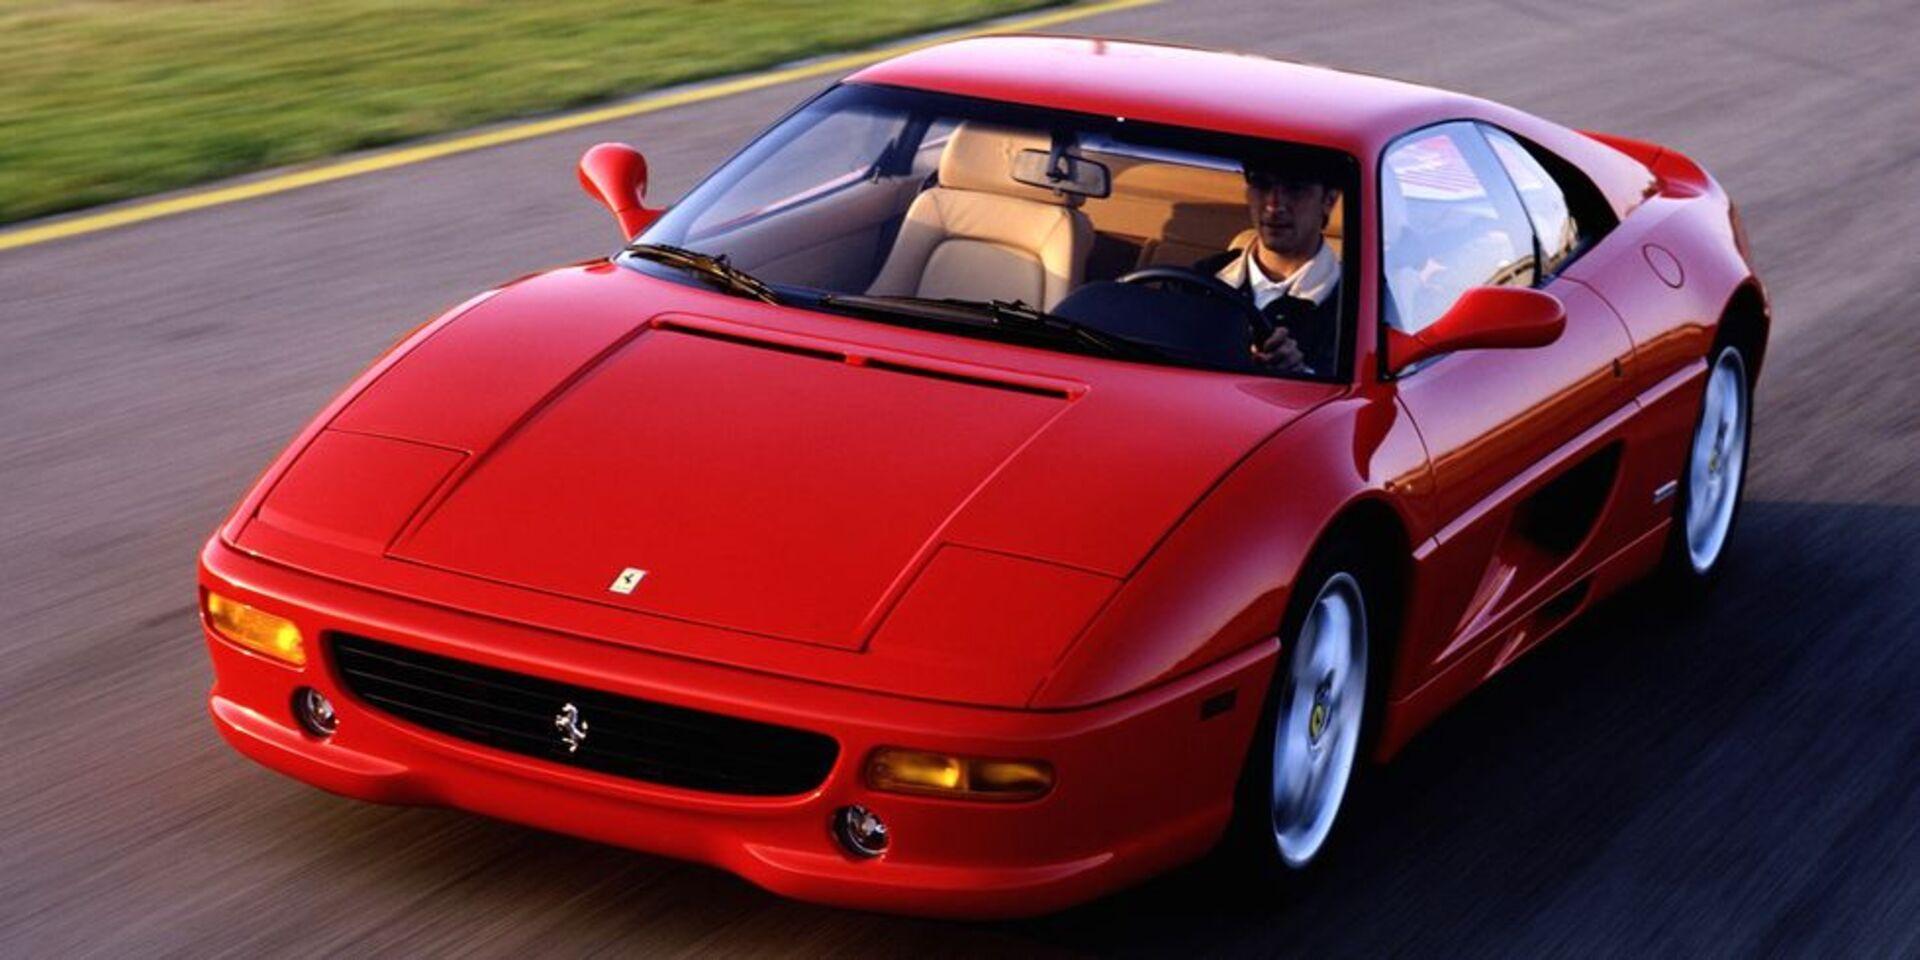 Ferrari F355 1994 7